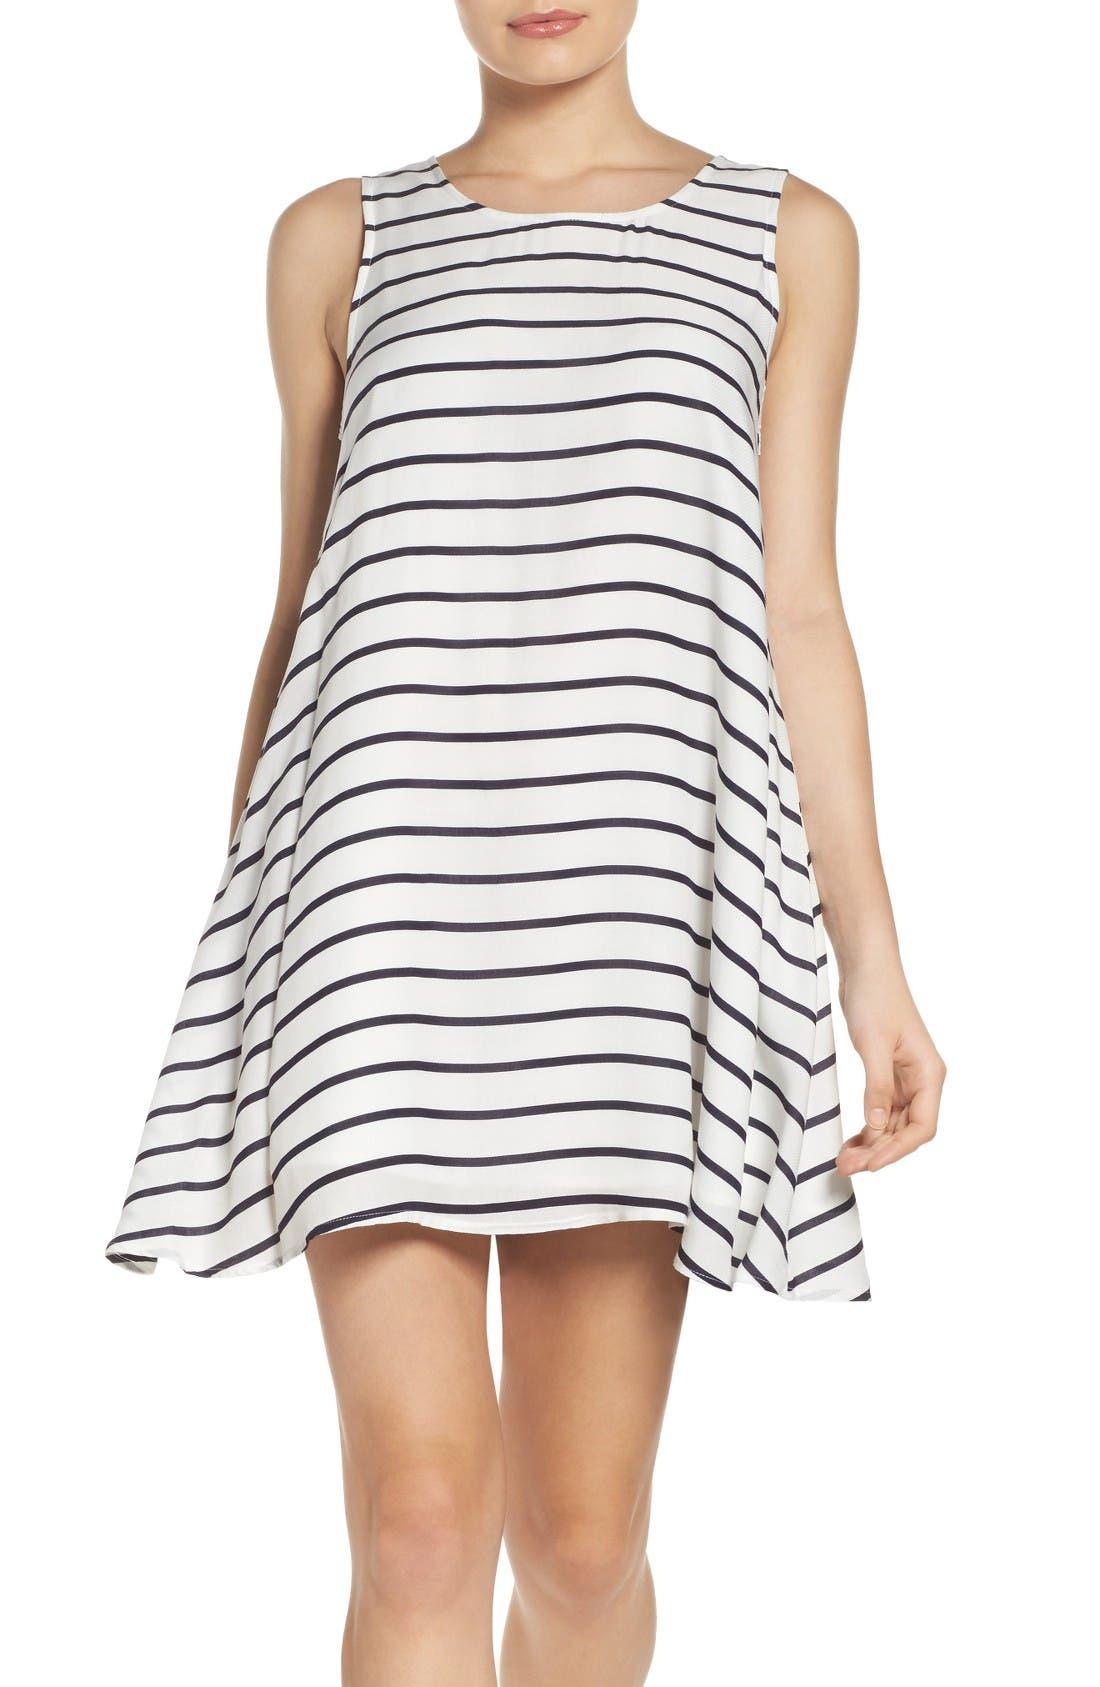 Alternate Image 1 Selected - BB Dakota Shaye Trapeze Dress